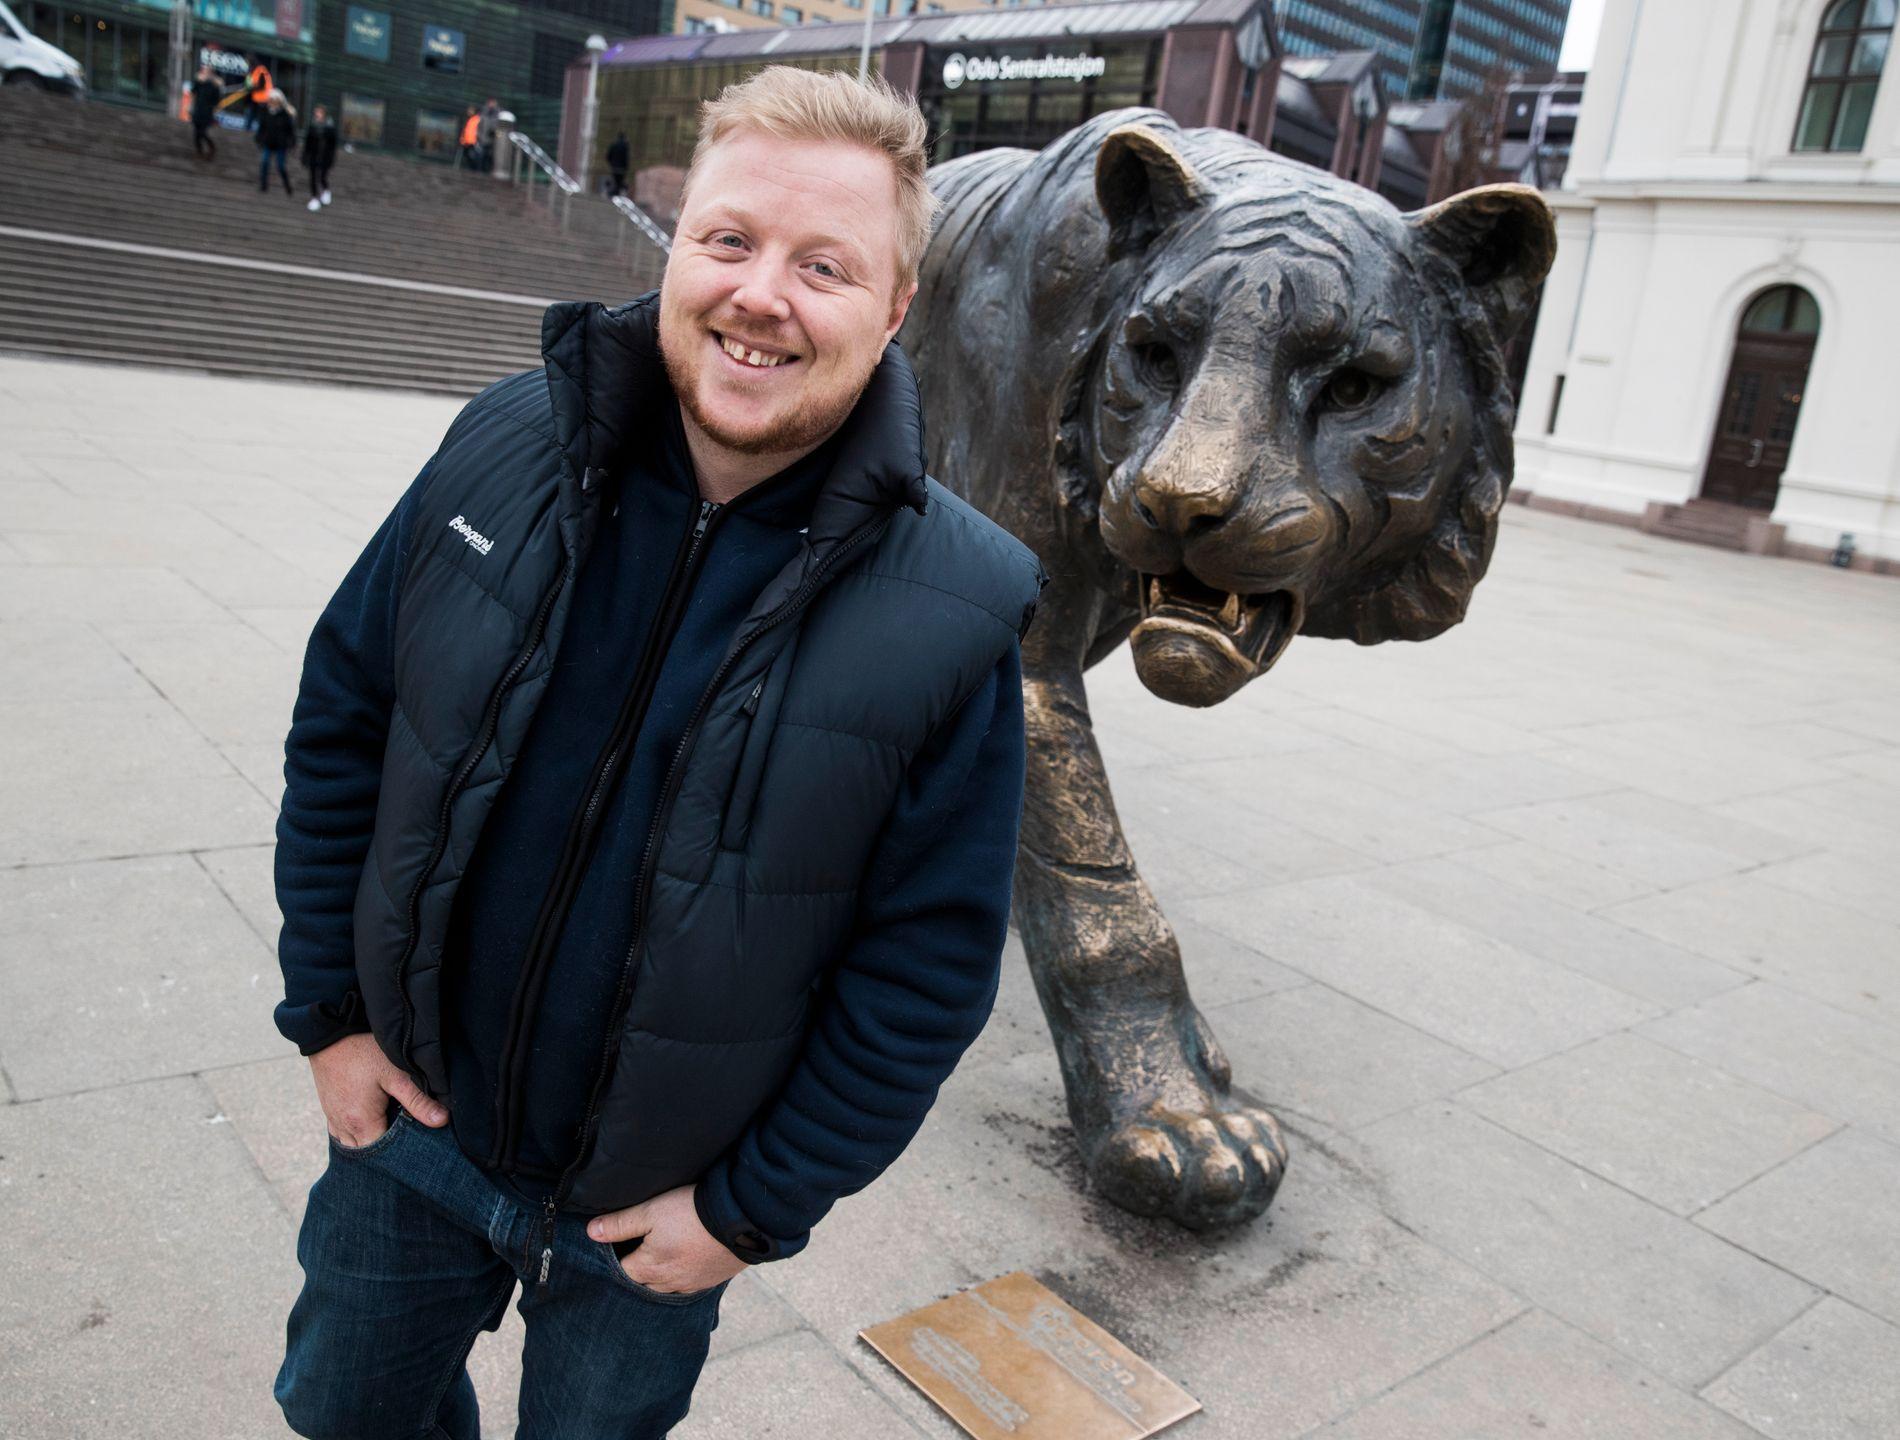 NÆRMERE TIGERSTADEN: Kurt Nilsen har gjort østlending av seg - og stortrives. Nå er han klar med sin første plate på fire år.